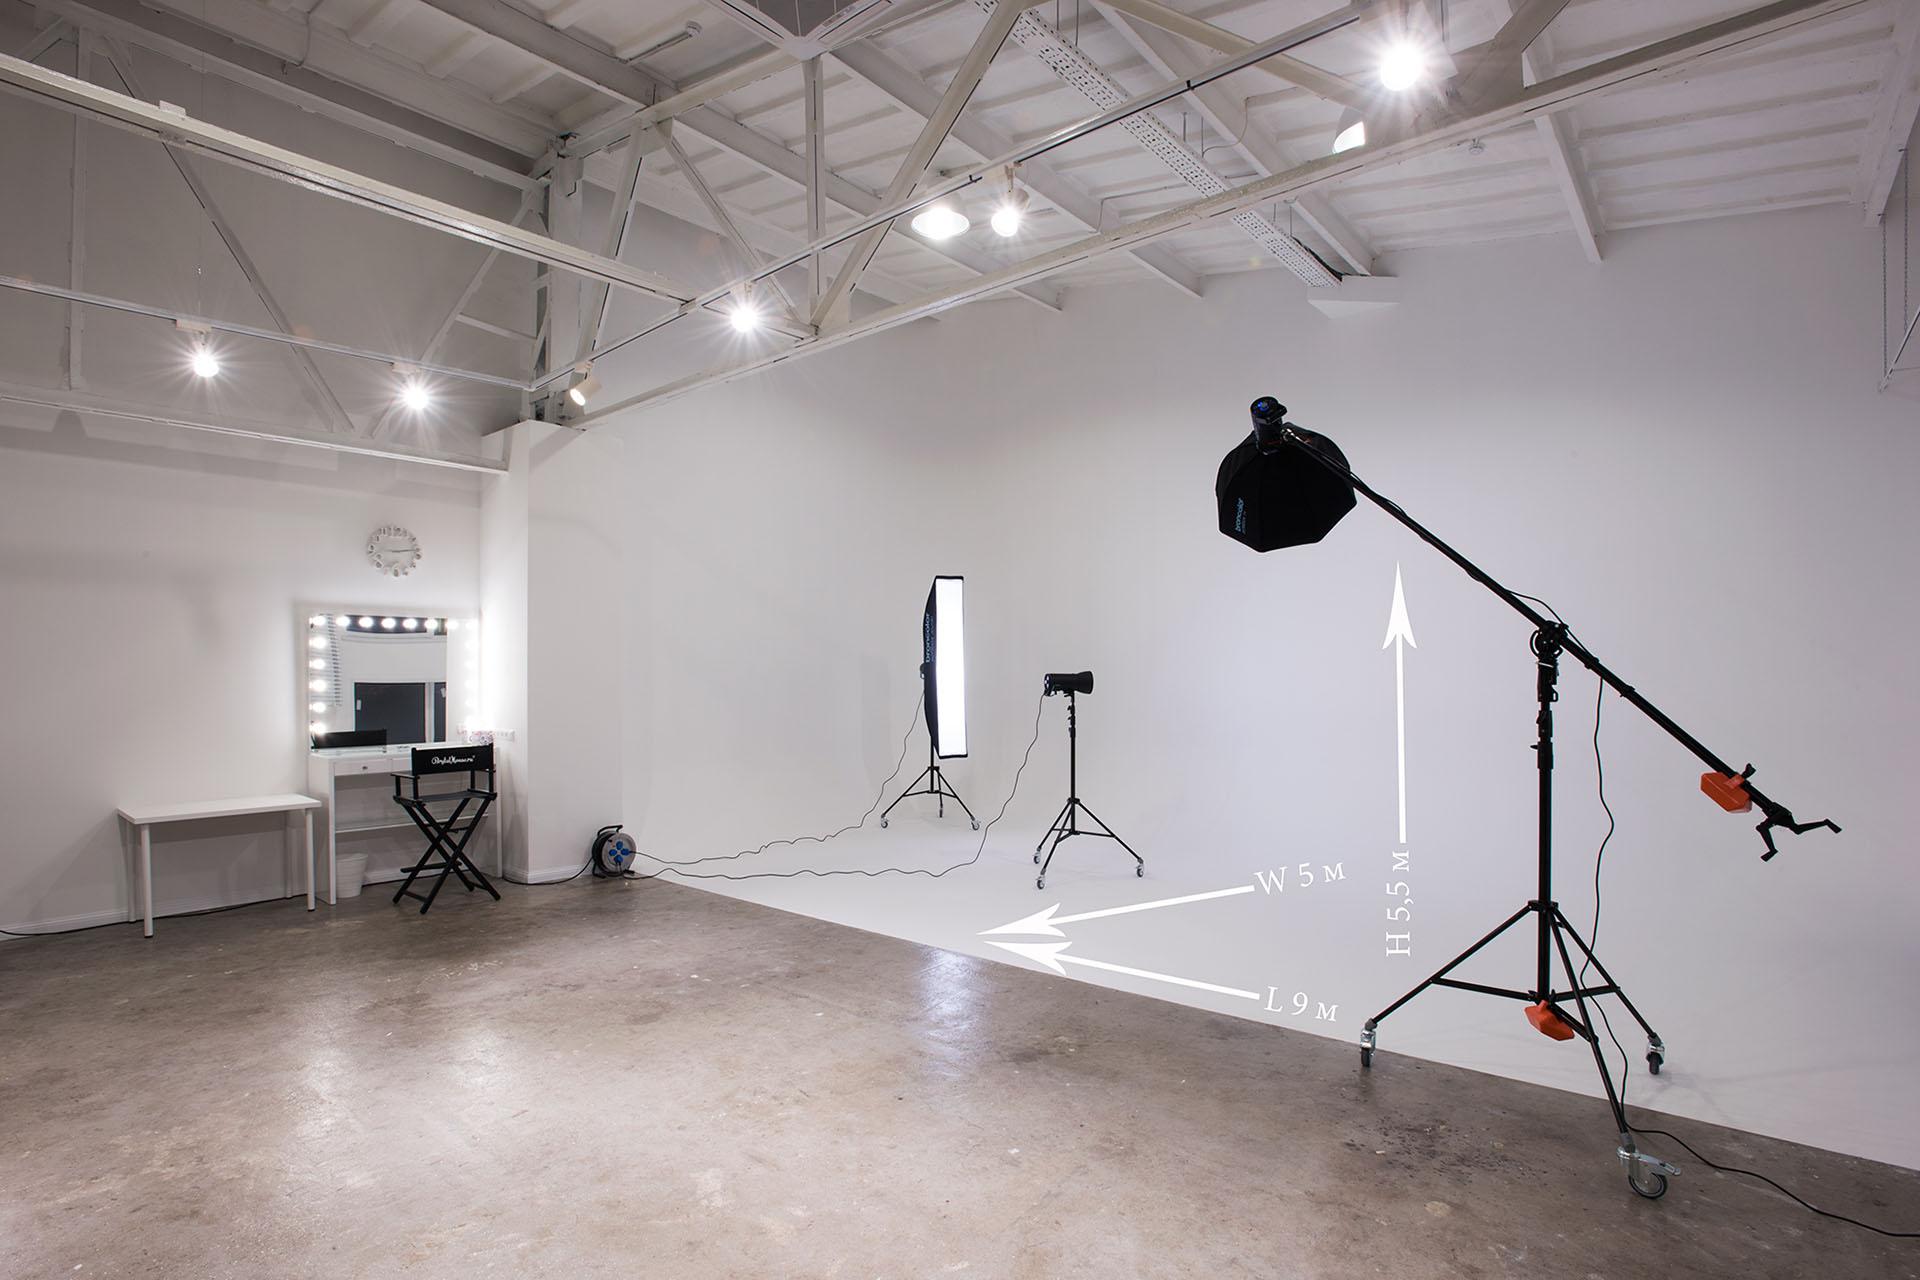 Сколько стоит аренда фотостудии на час